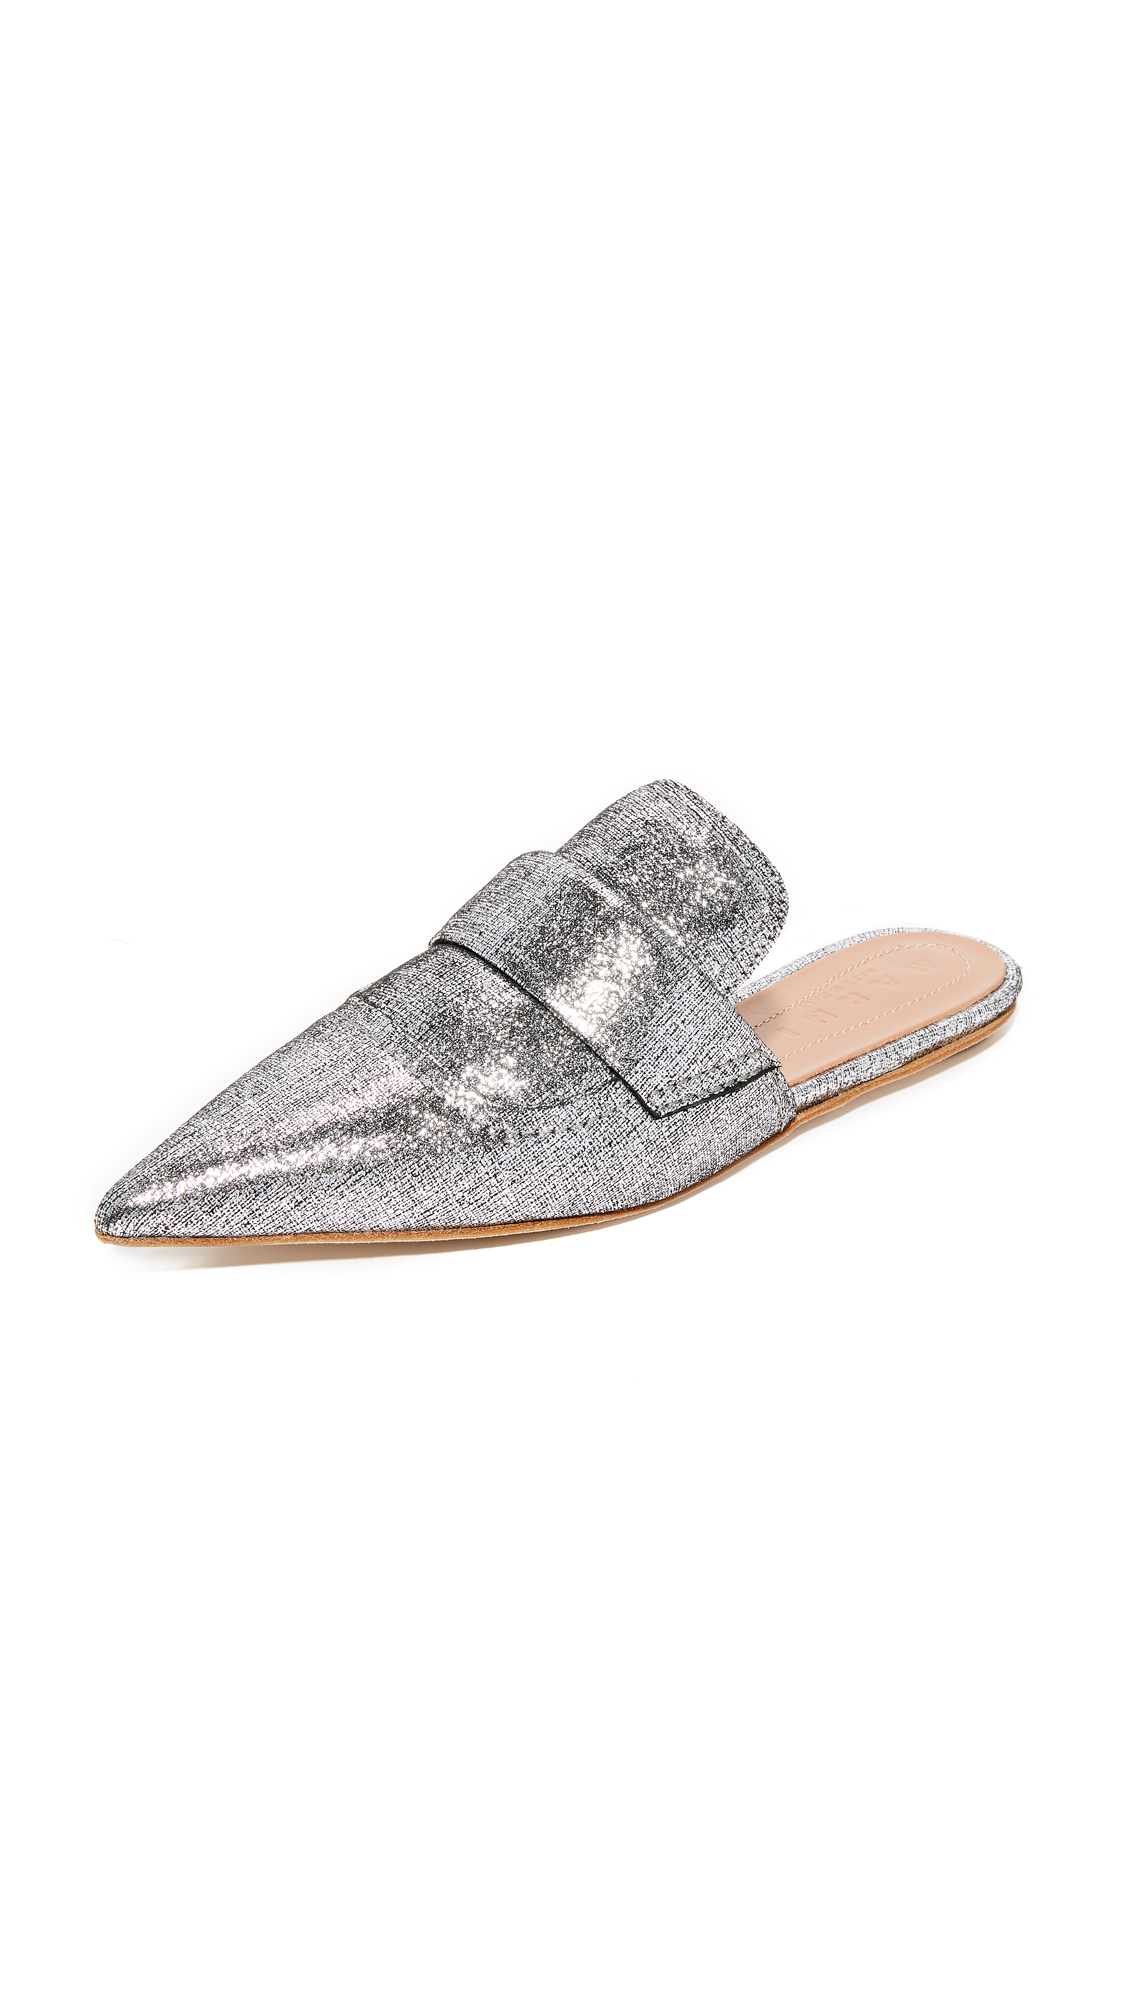 Marni Flat Mule Slides - Silver